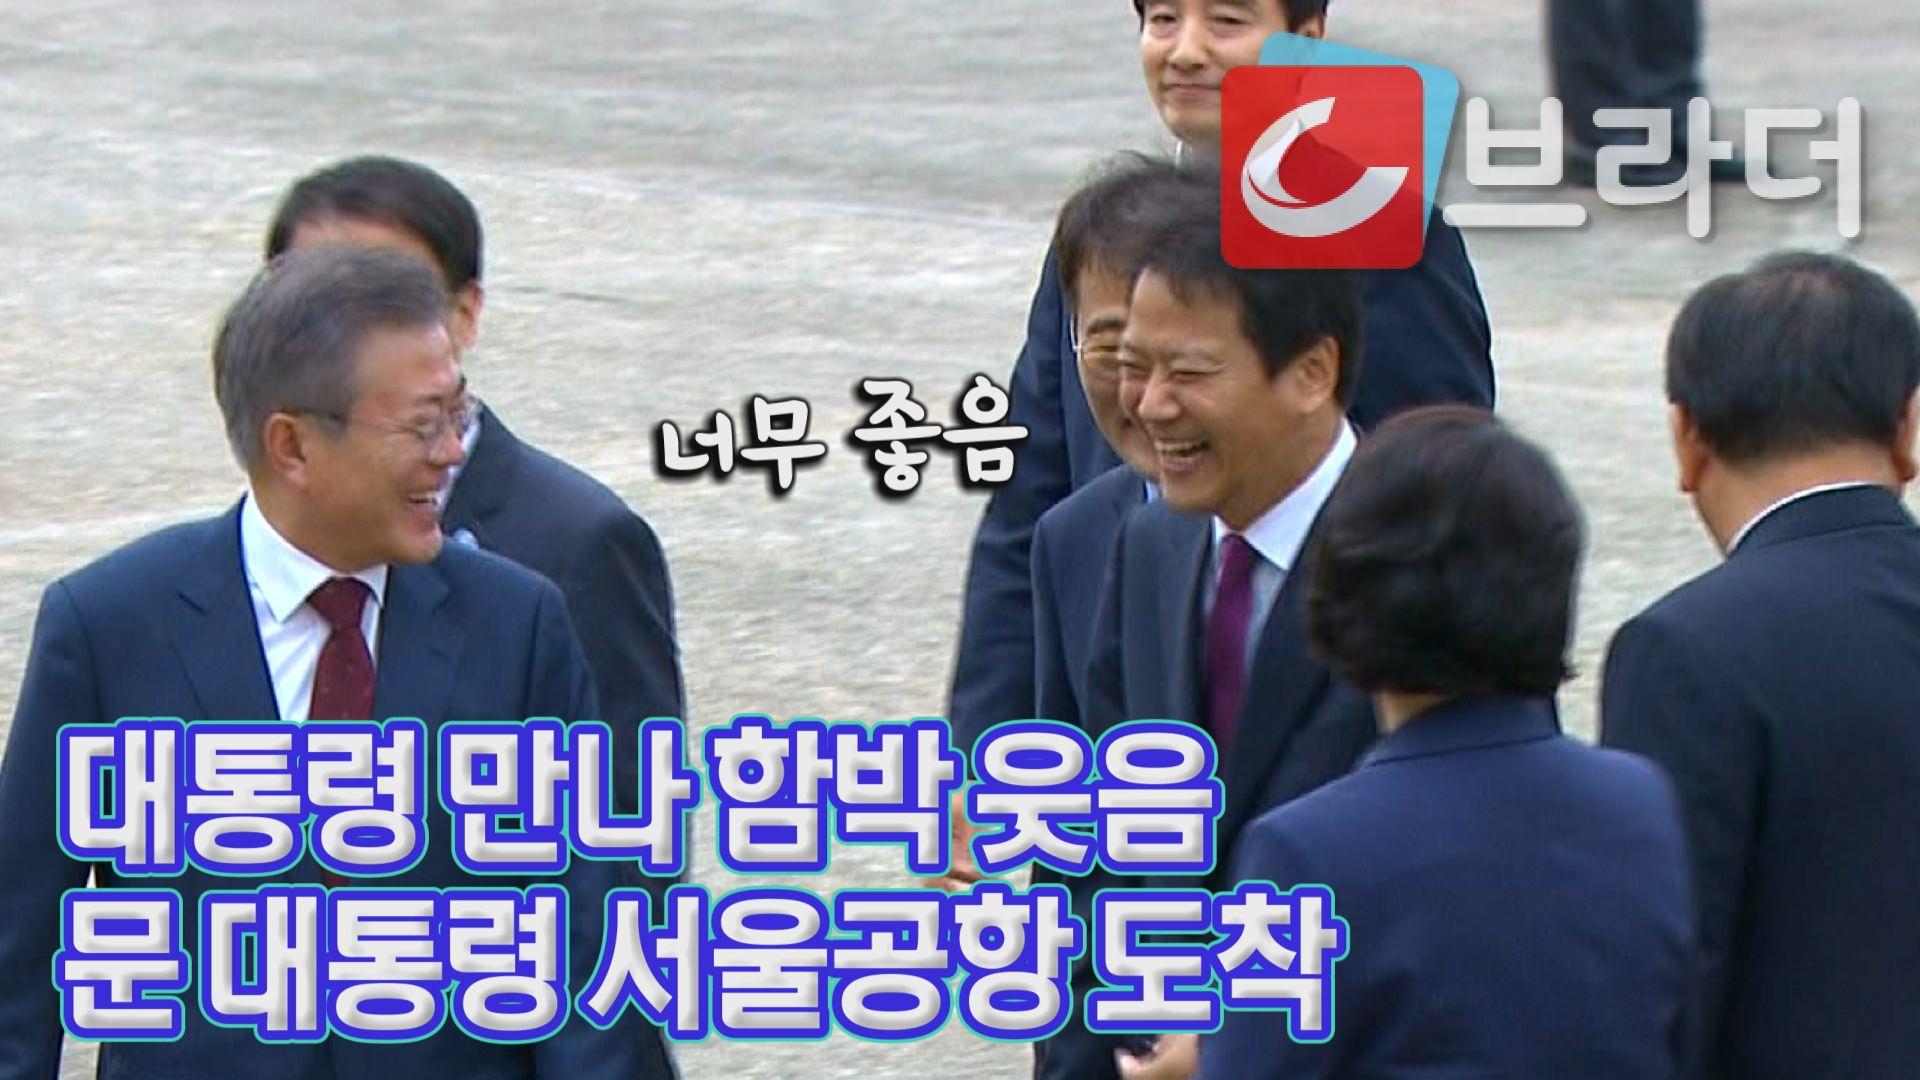 [평양남북정상회담]'대통령만나함박웃음'문재인대통령서울공항도착[C브라..